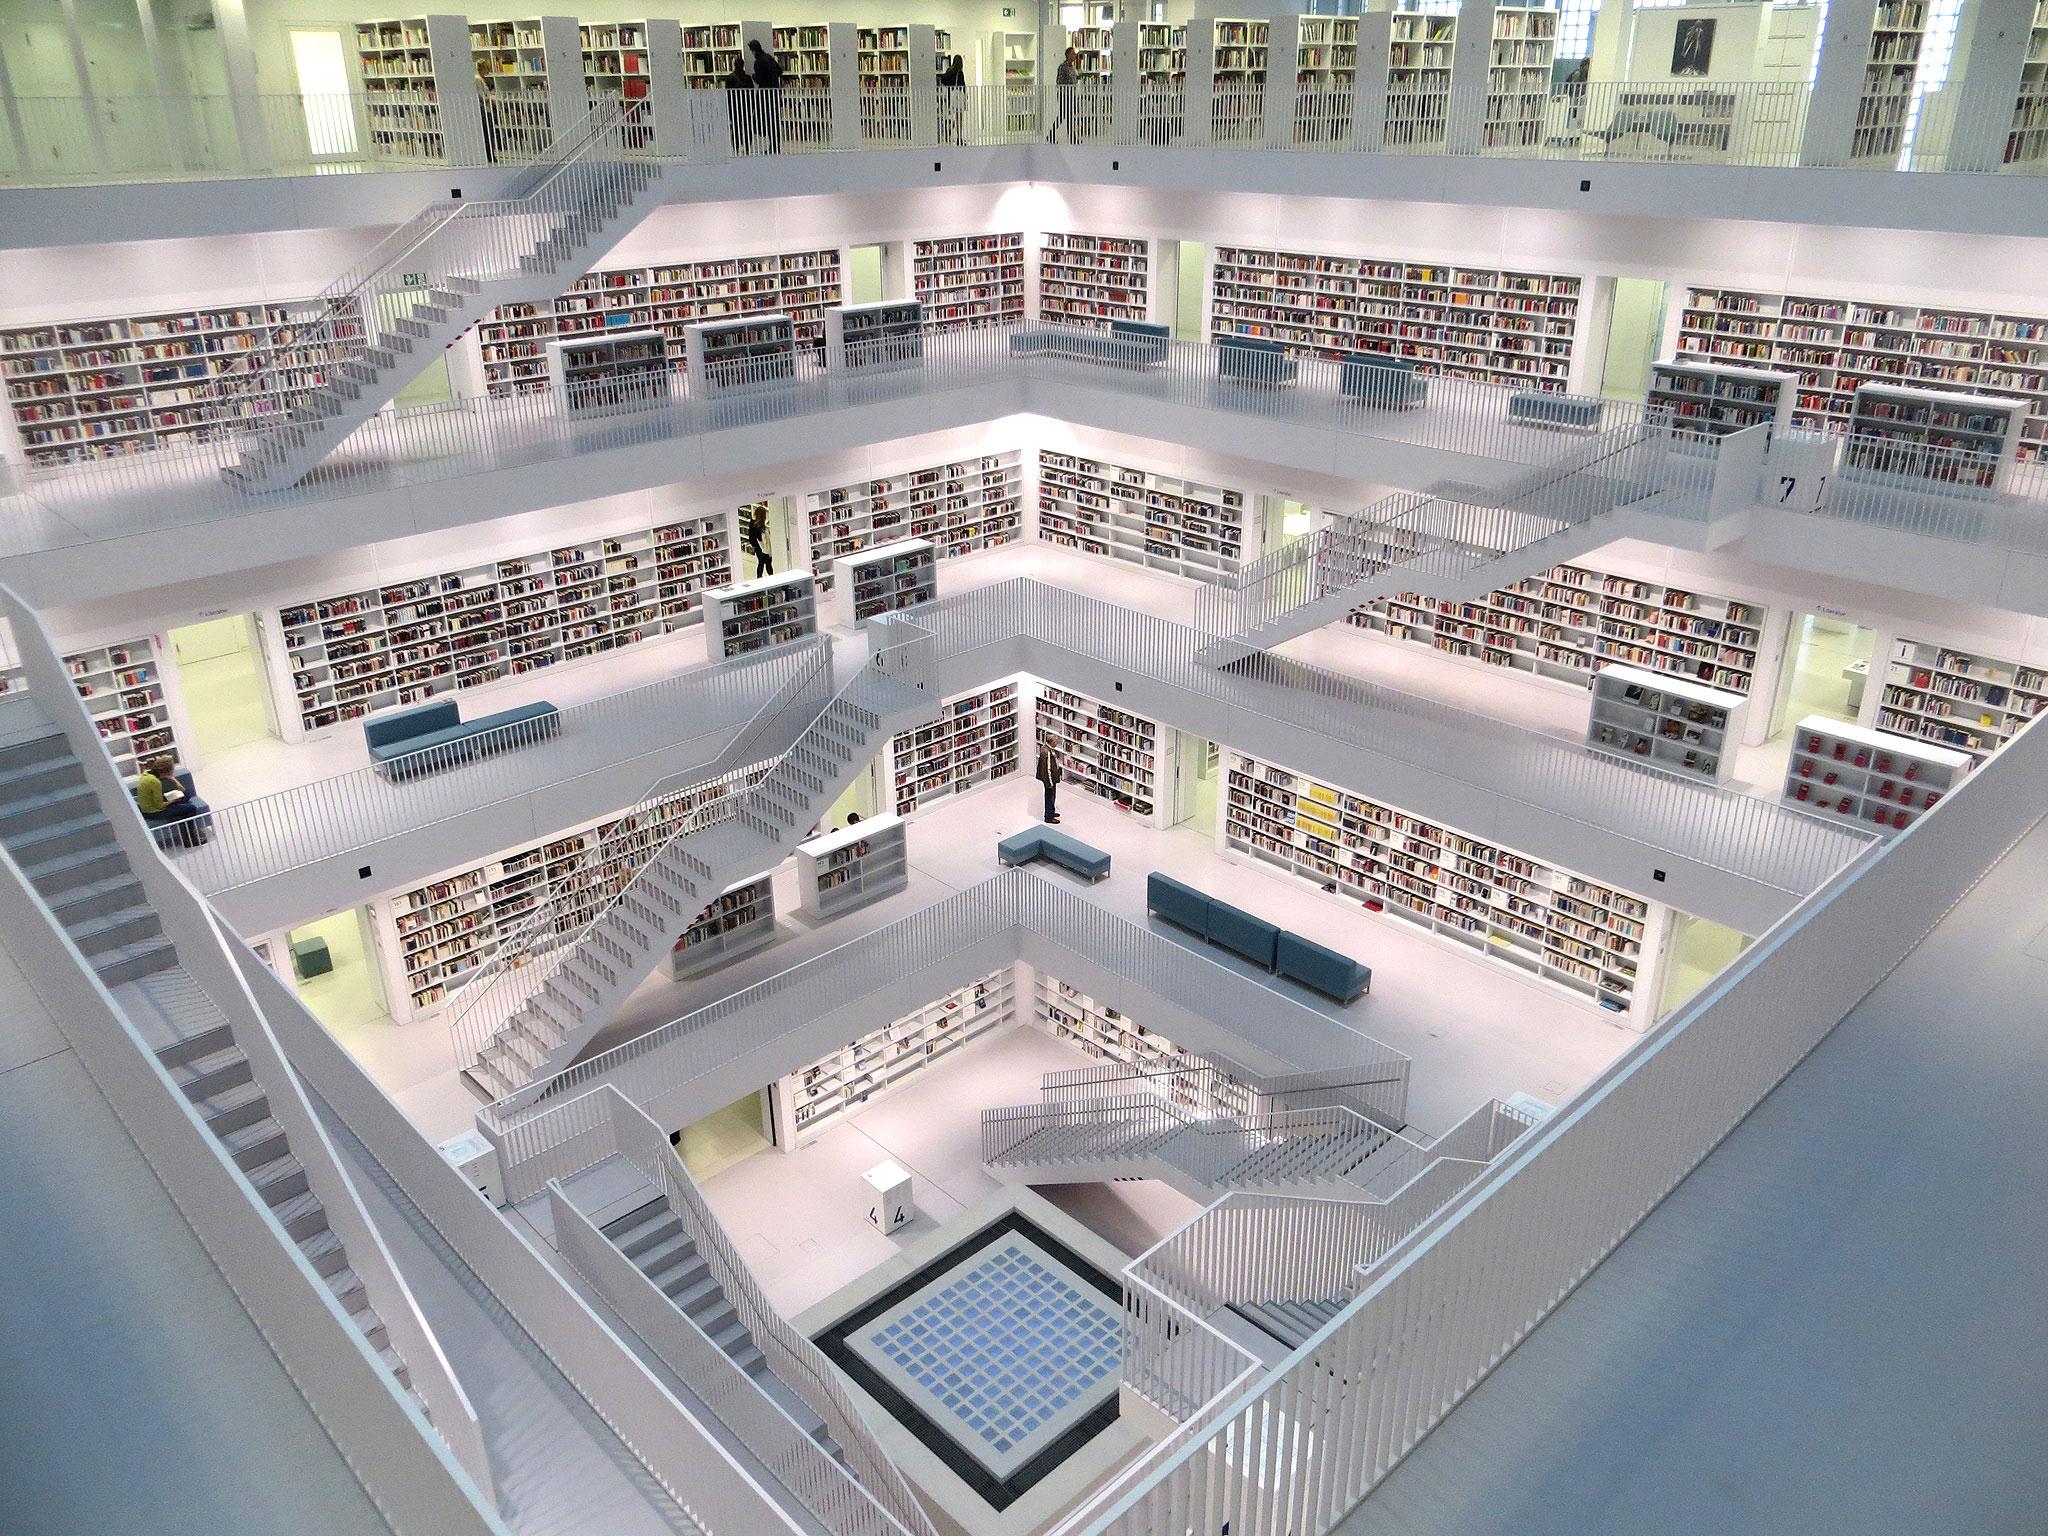 stuttgart-library-white-books-159870.jpg